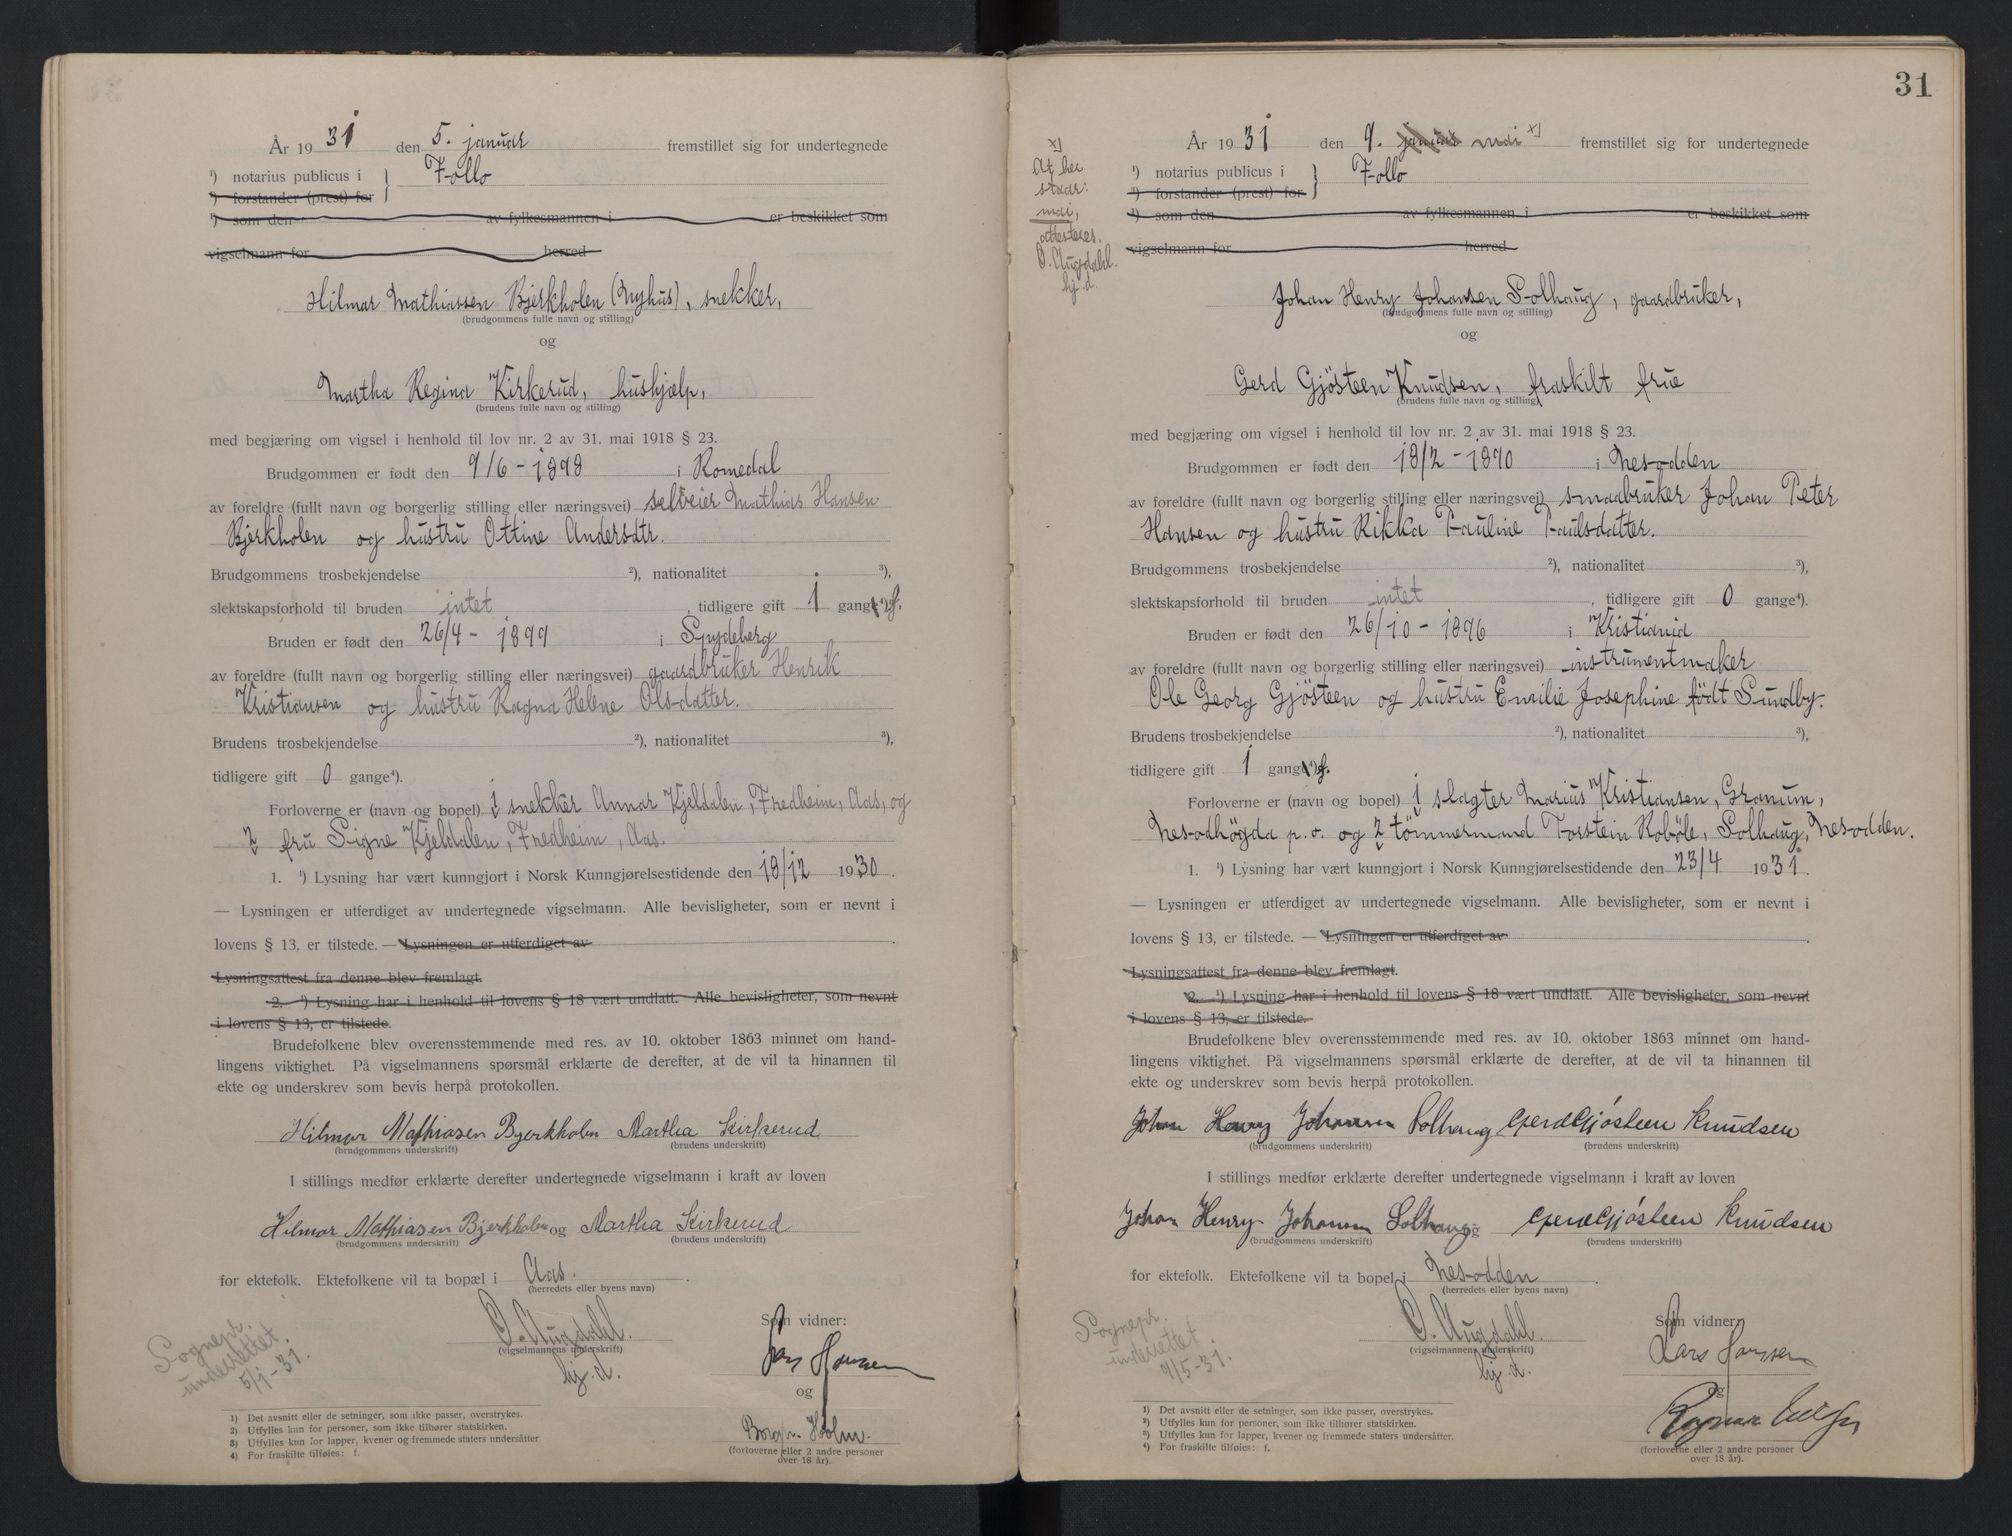 SAO, Follo sorenskriveri, L/La/Lab/L0001: Vigselsbok, 1920-1942, s. 31